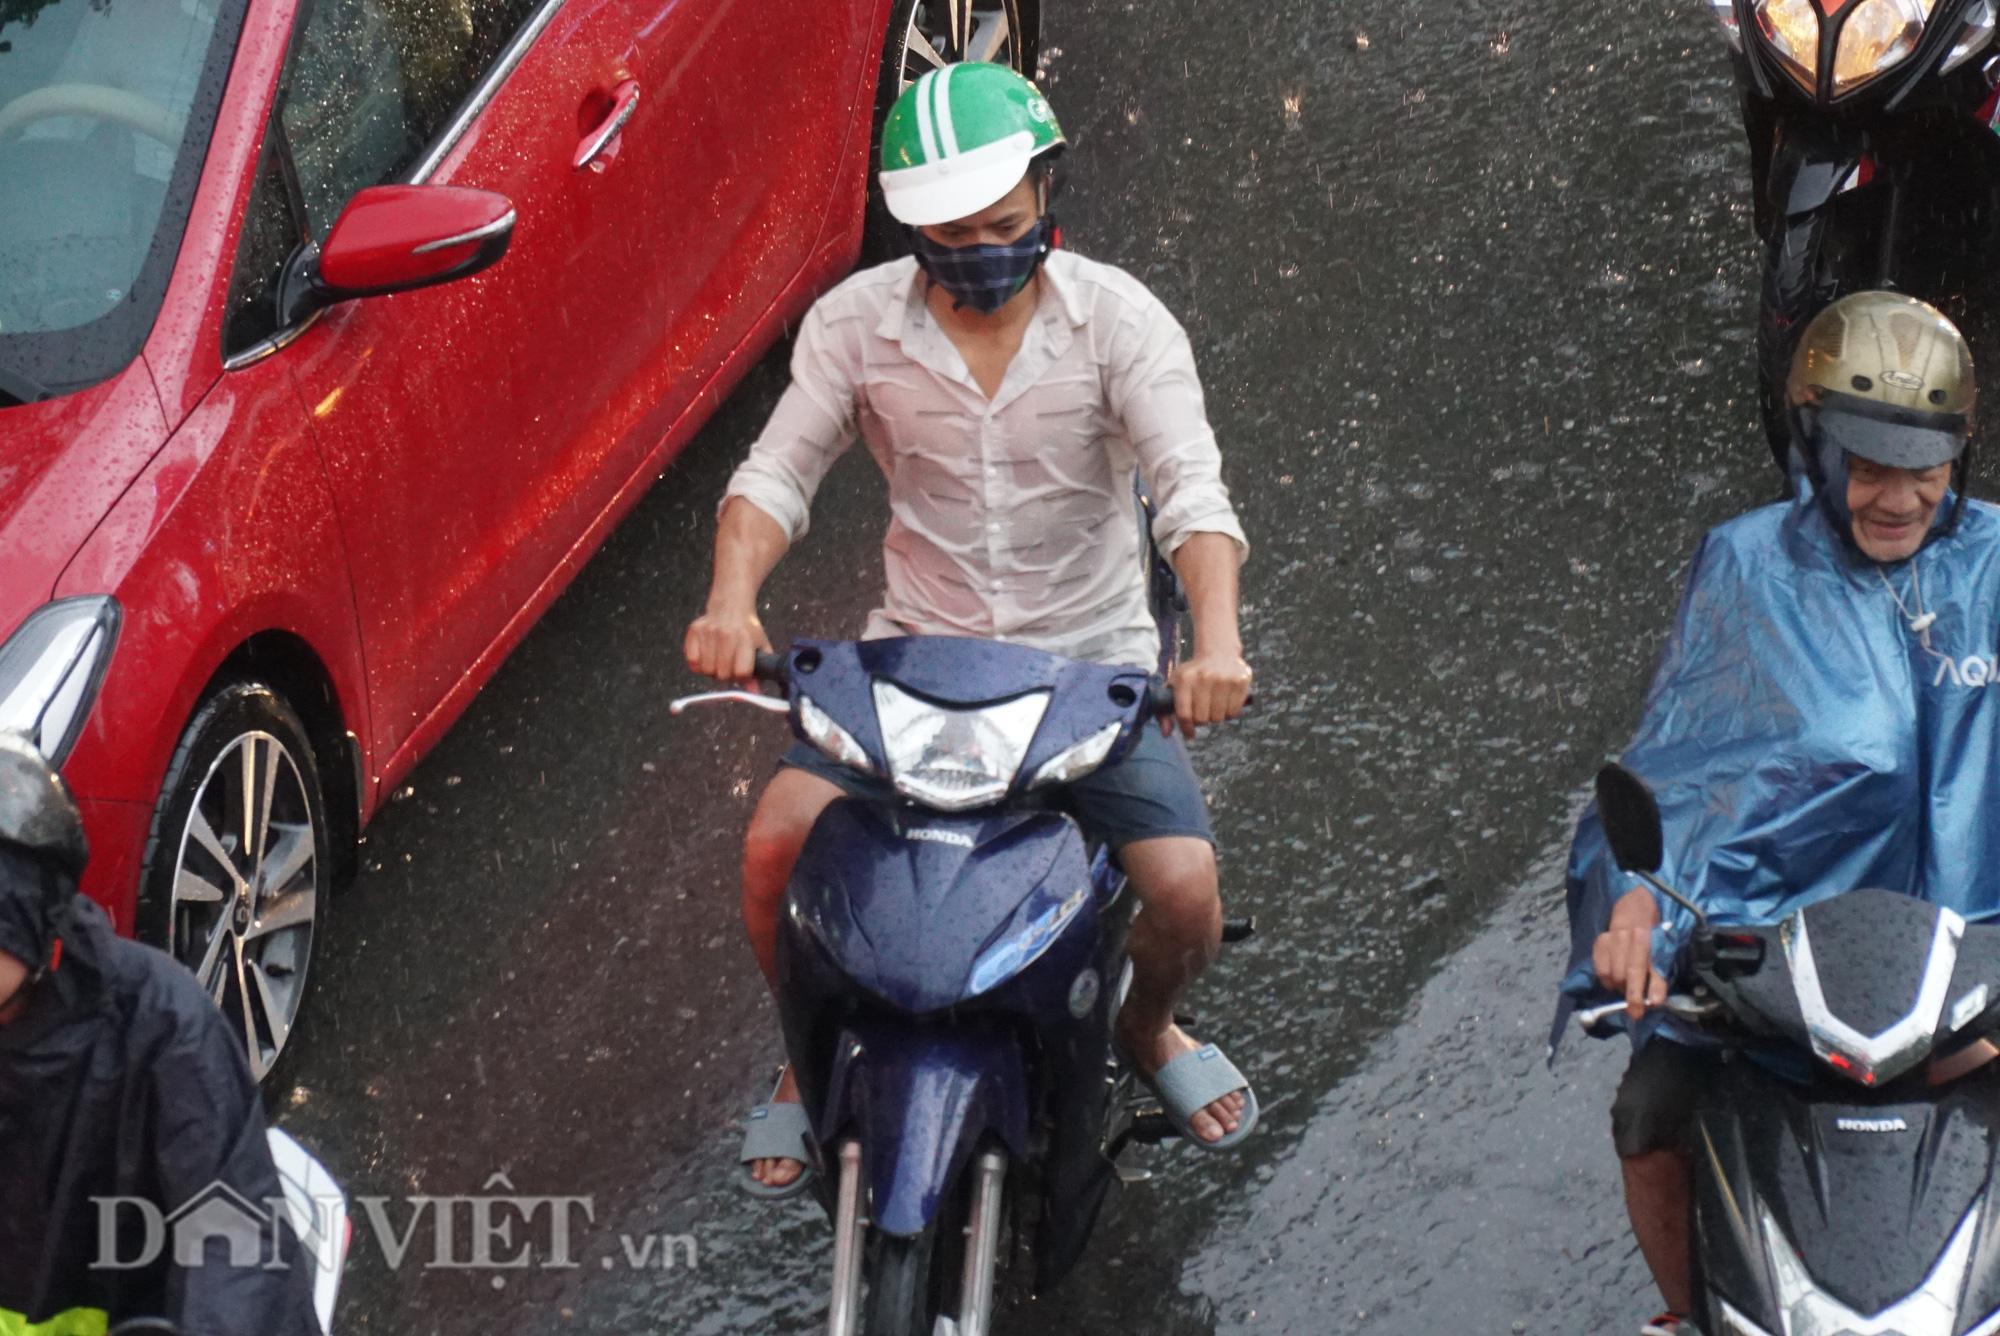 Hà Nội giảm 10 độ sau cơn mưa vàng - Ảnh 5.